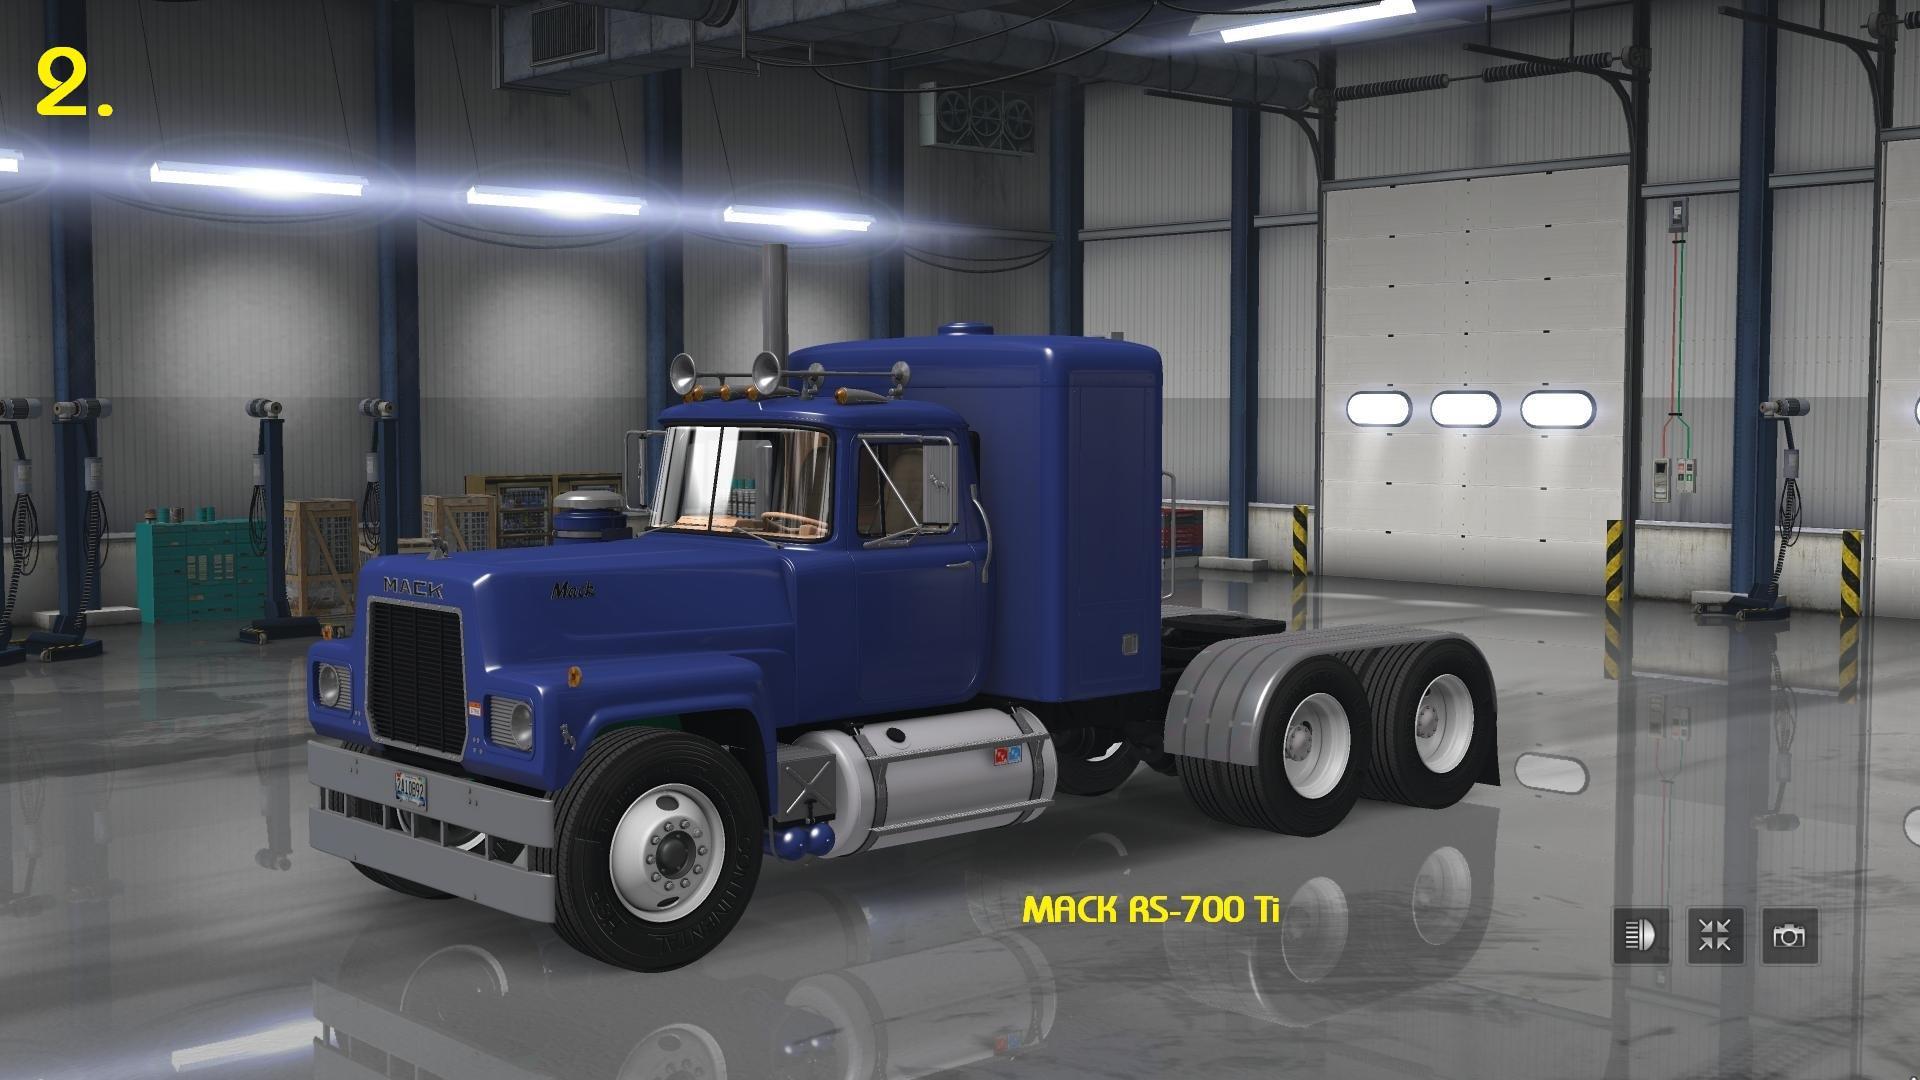 mack truck ets2 mack truck rh macktruckjinengo blogspot com Mack Anthem Truck Mack Anthem Truck